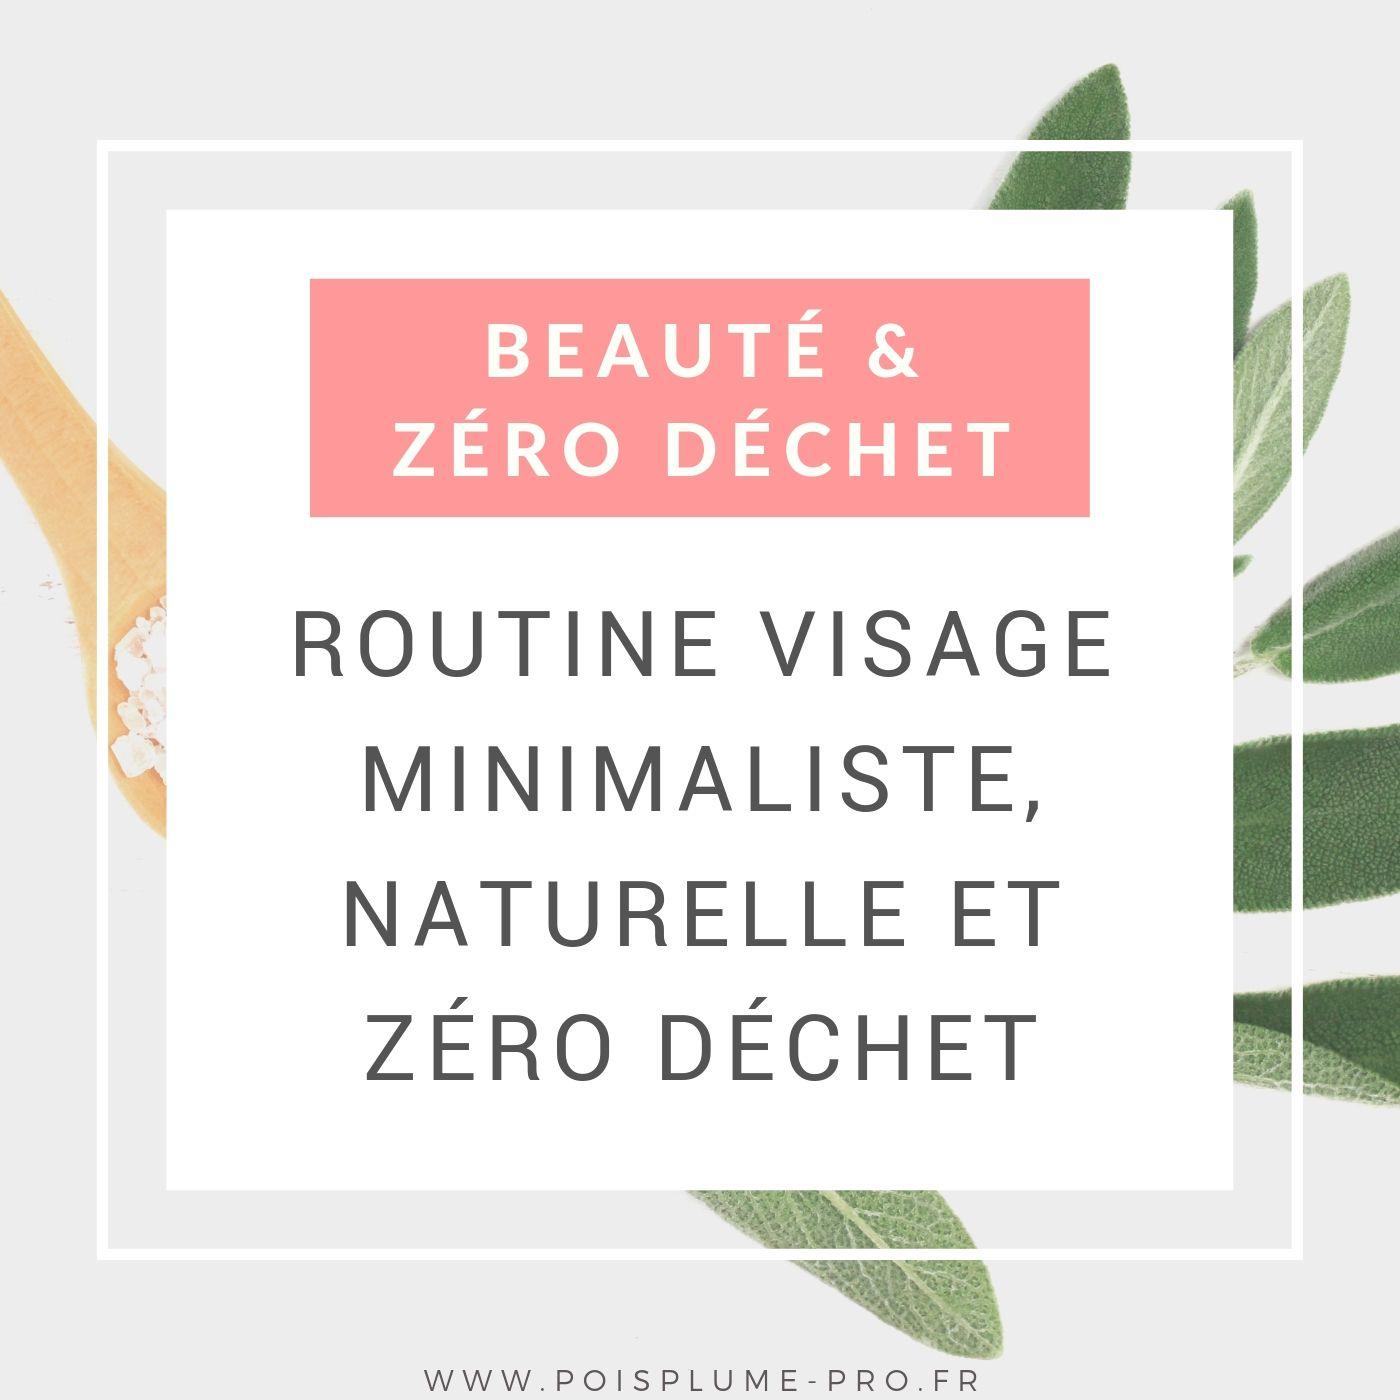 Beauté au naturel ma routine visage zero dechet (1)